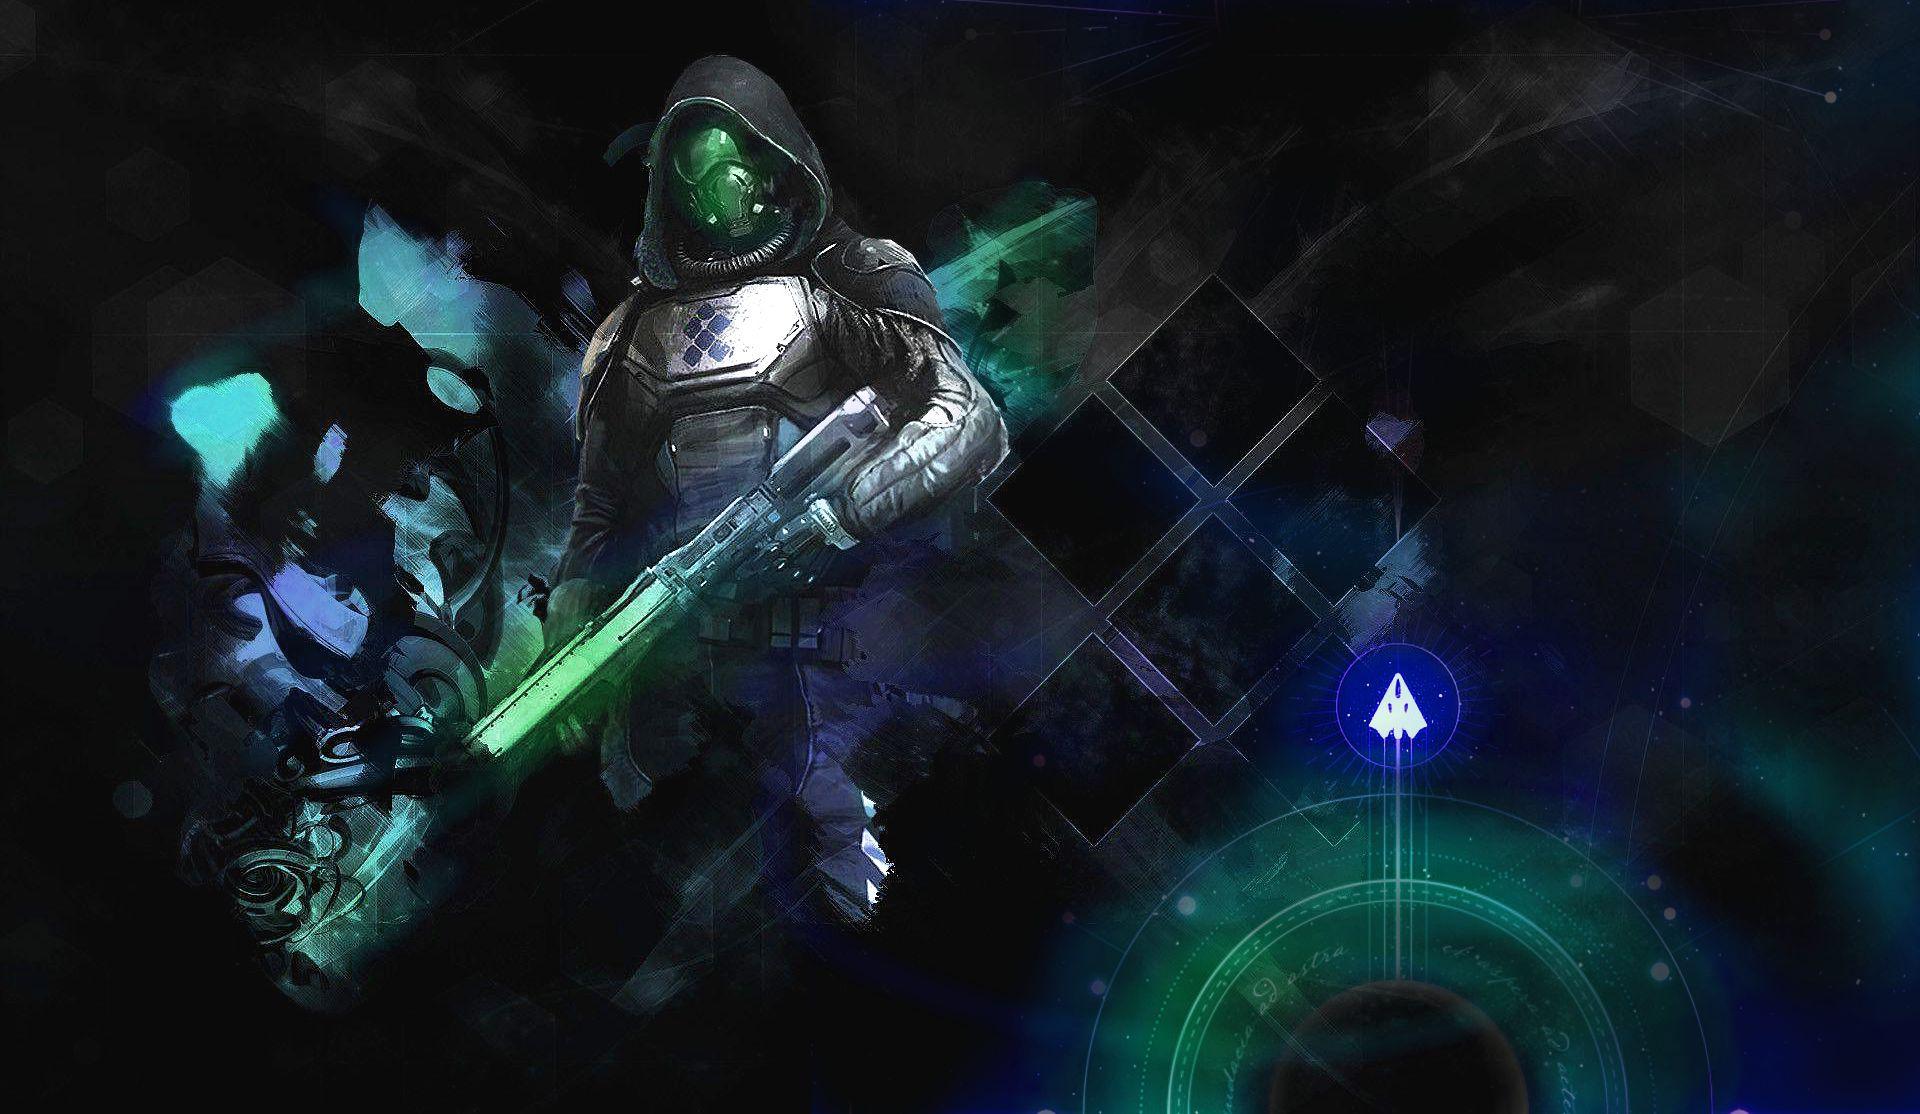 hunter-AF-wallpapers-green